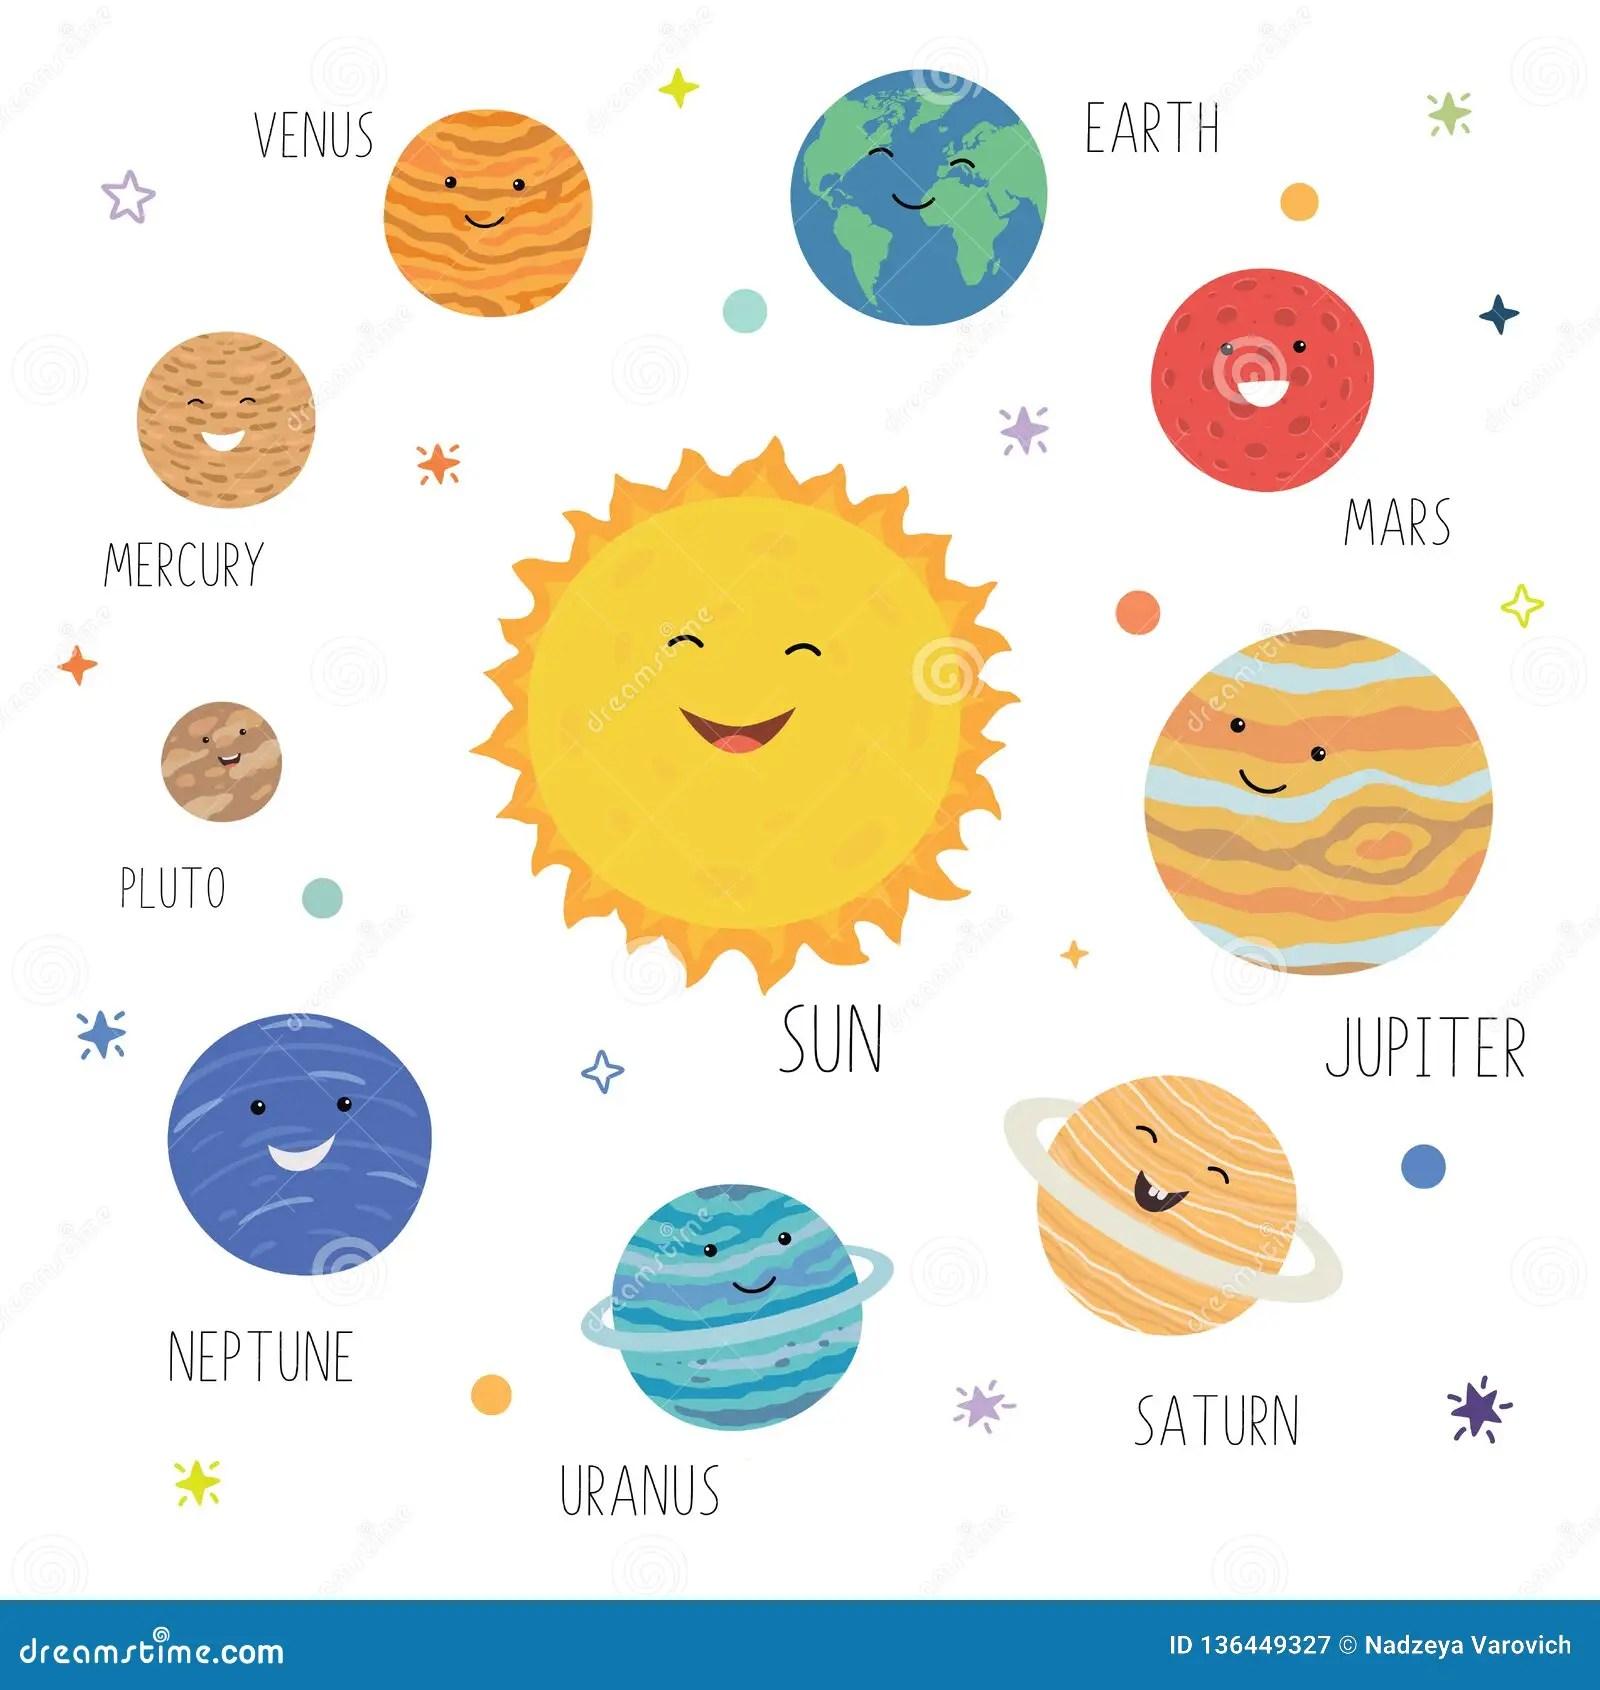 Planet Mercury Worksheet Kindergarten